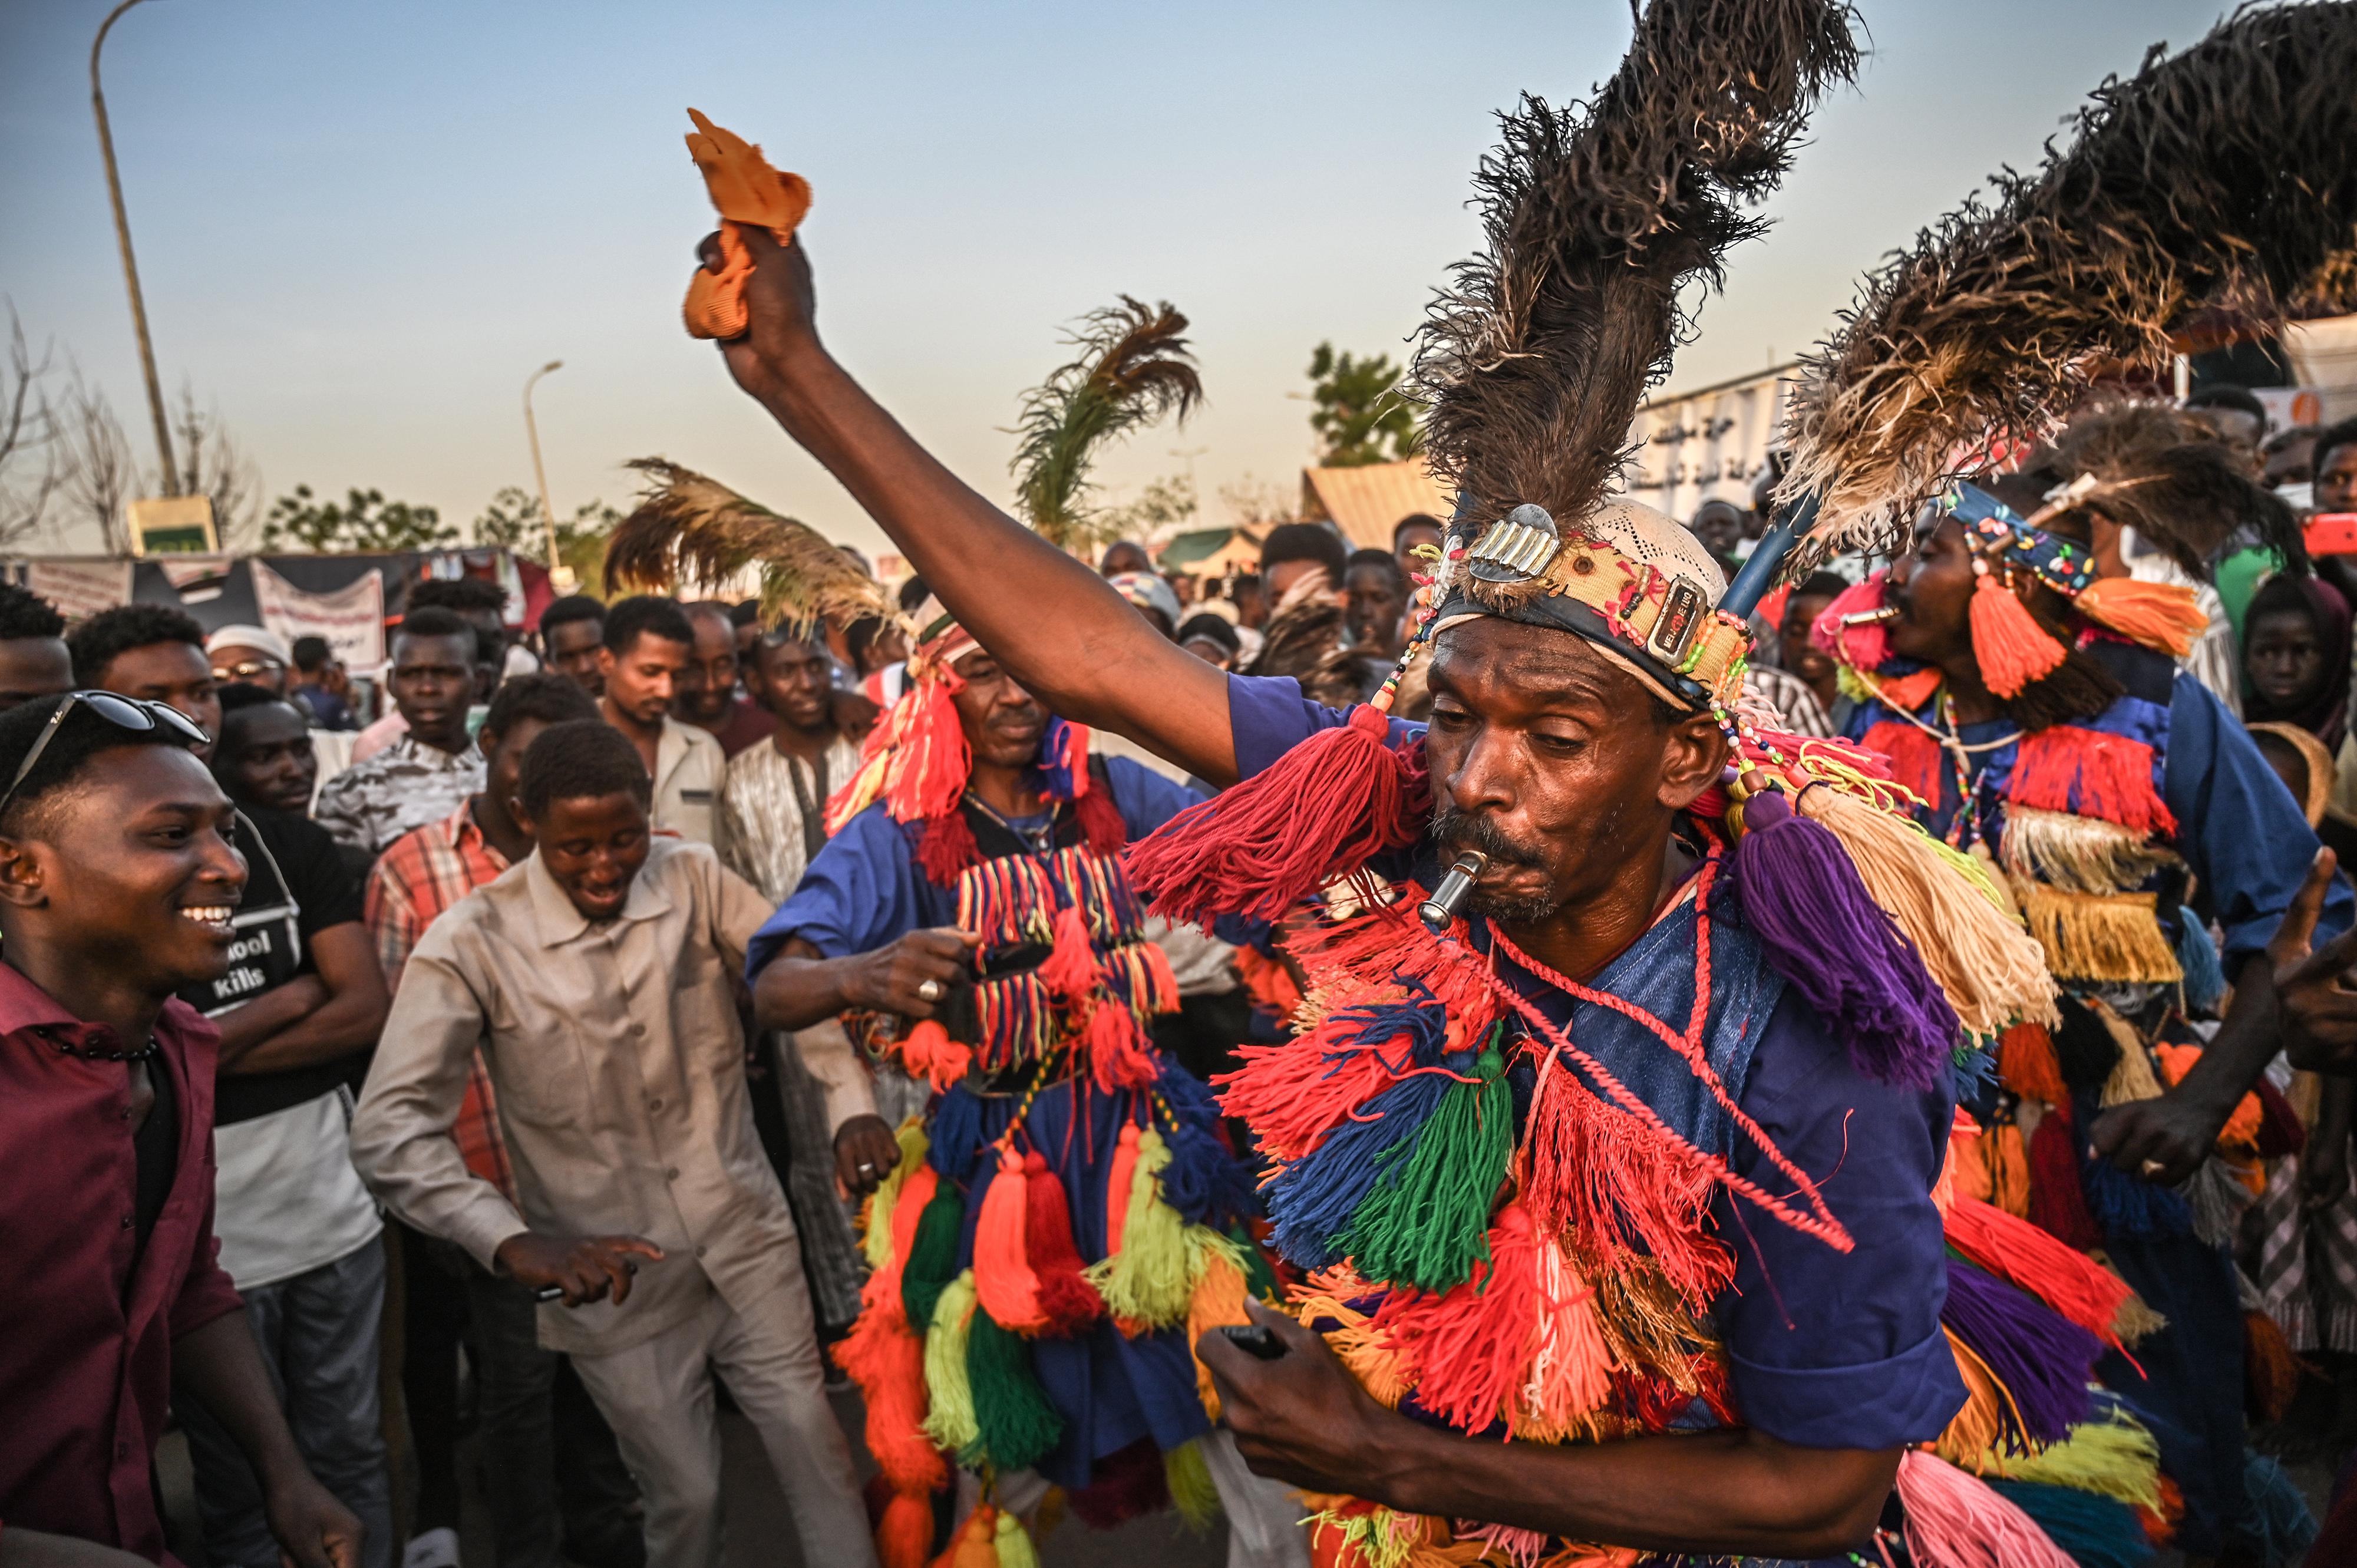 """سودانيون معتصمون وسط الخرطوم عشية """"تظاهرة مليونية"""" ضد المجلس العسكري الحاكم في السودان"""